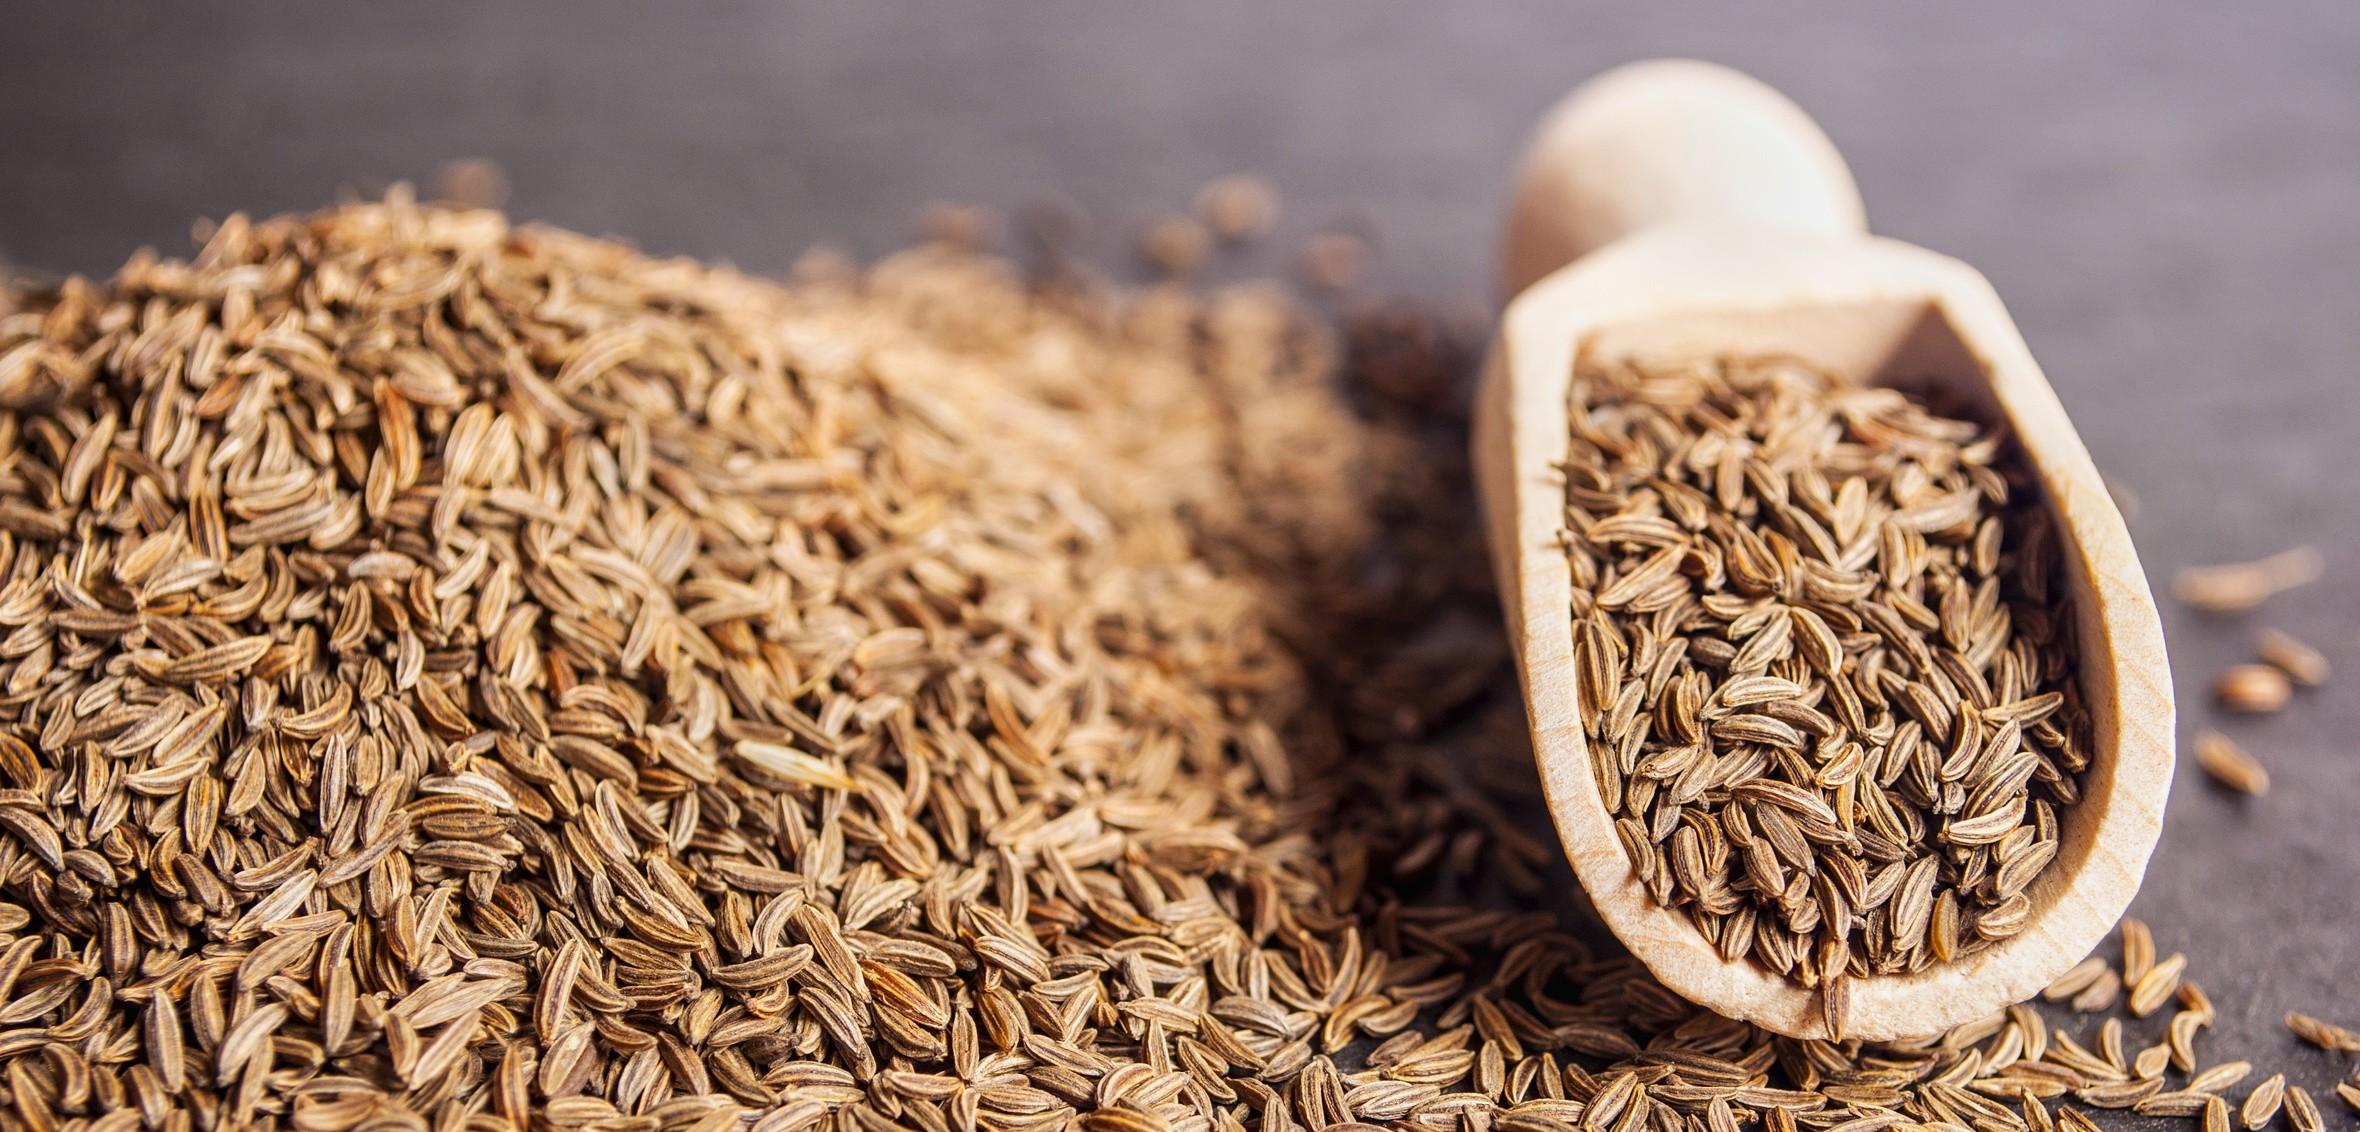 Приправа зира: полезные свойства и противопоказания, химический состав, применение для похудения, для волос, от паразитов, в кулинарии, отзывы